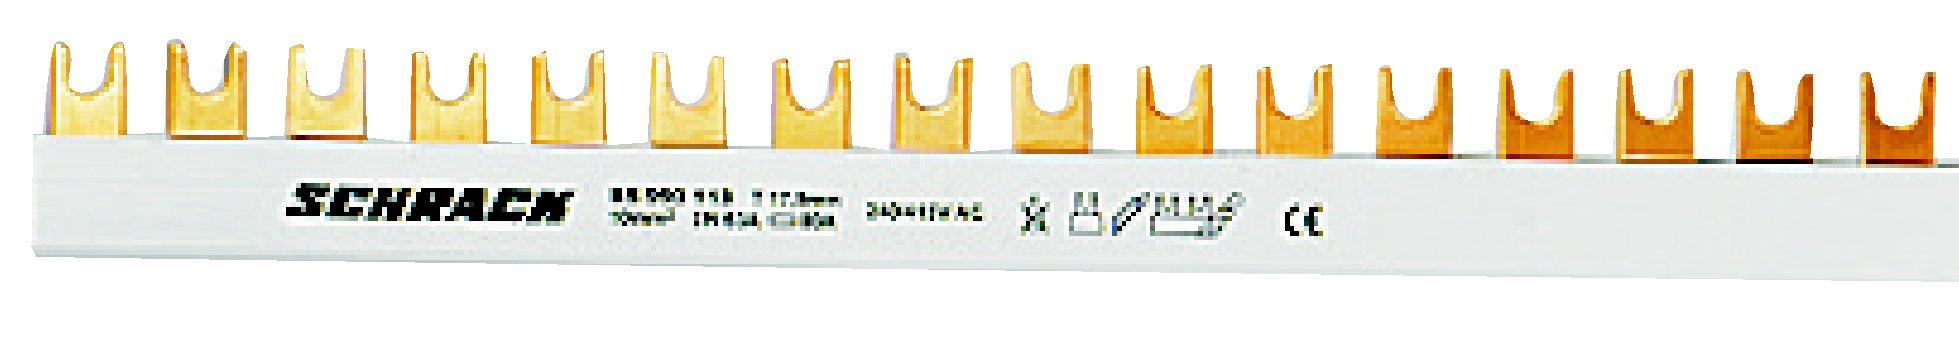 1 Stk Gabelverschienung 3-polig ausbrechbar 16mm², L1/L2/L3, 1m BS990114--